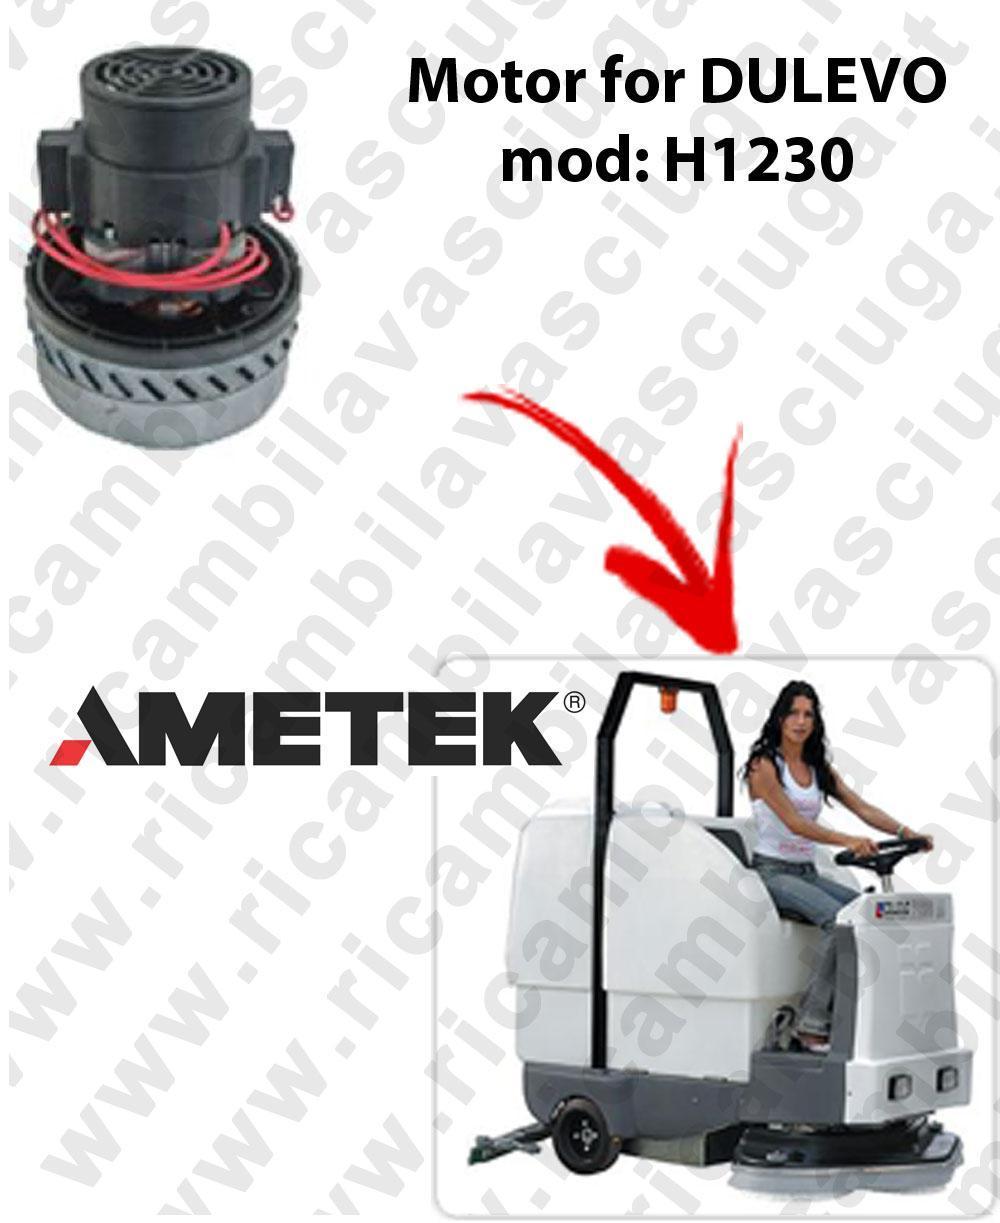 H1230 Saugmotor AMETEK ITALIA für scheuersaugmaschinen DULEVO